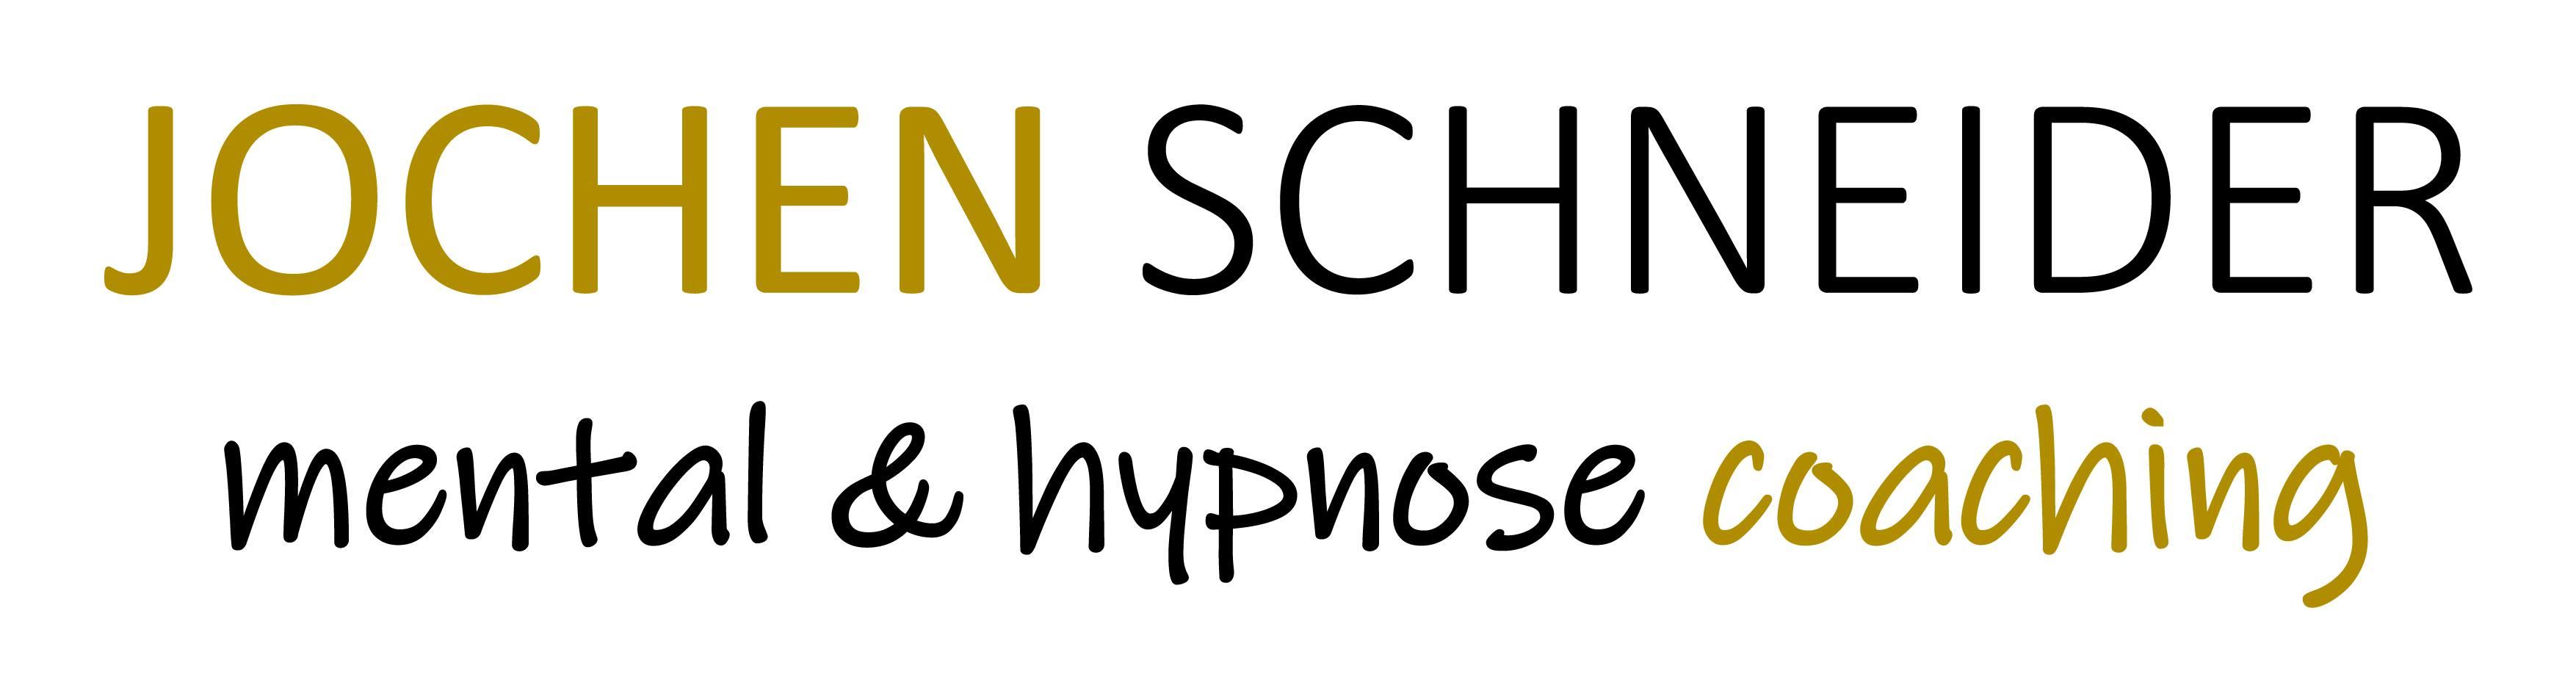 Jochen Schneider Coaching